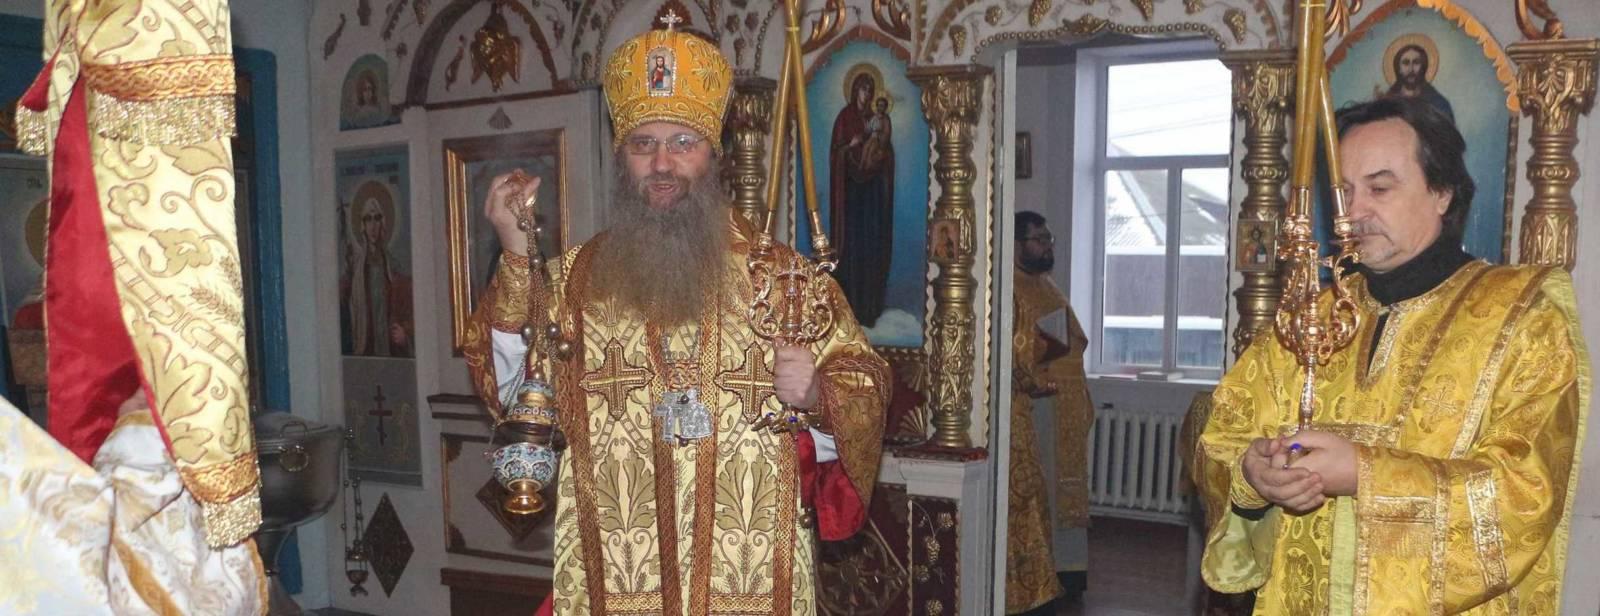 Божественная литургия в храме Архангела Михаила ст. Добринская.